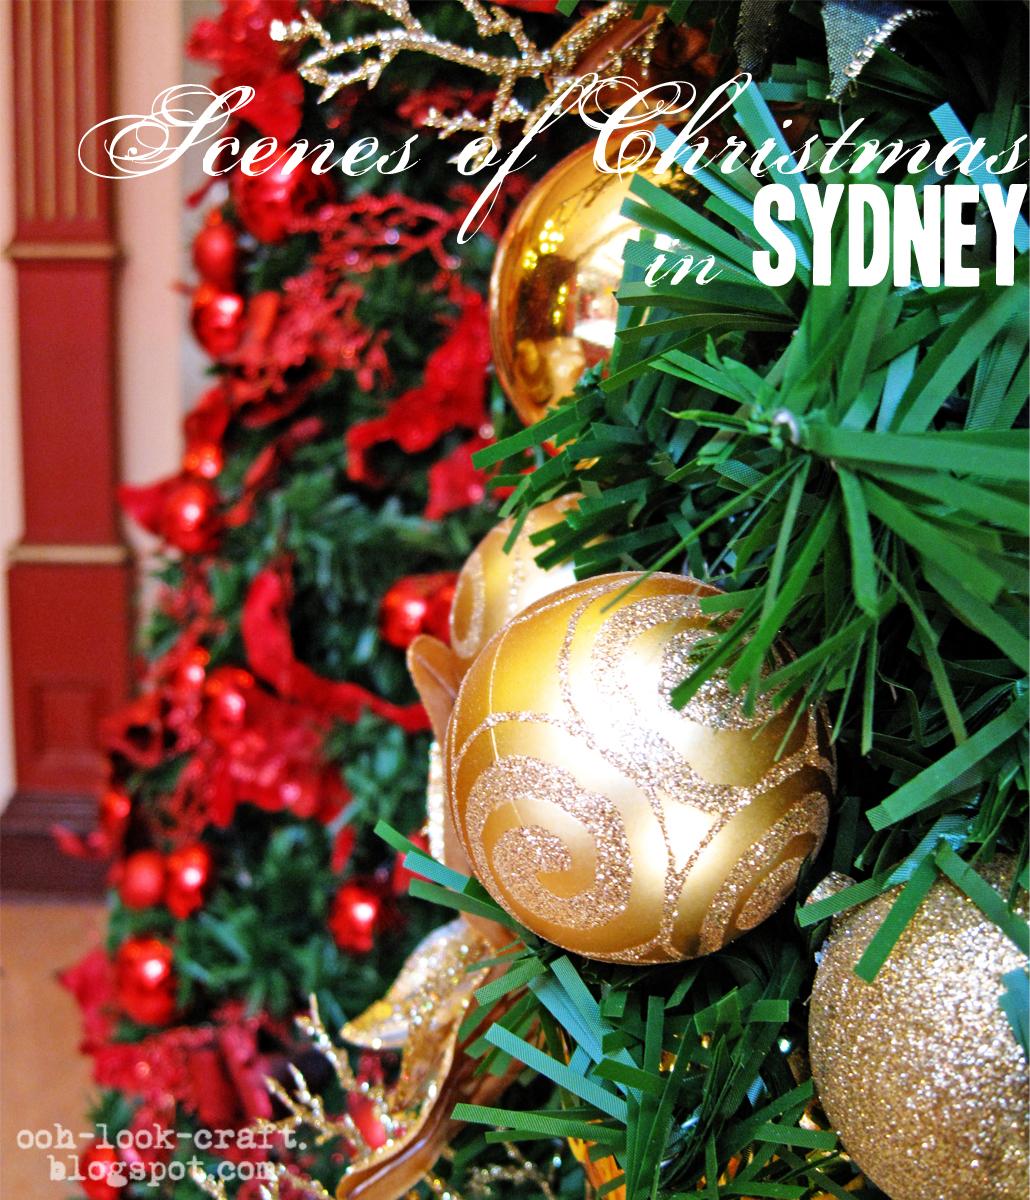 http://1.bp.blogspot.com/-UO9urvQrwng/Tt1I5B_UmzI/AAAAAAAAEPU/4hPs2-7srH4/s1600/Sydney+Christmas-1.jpg